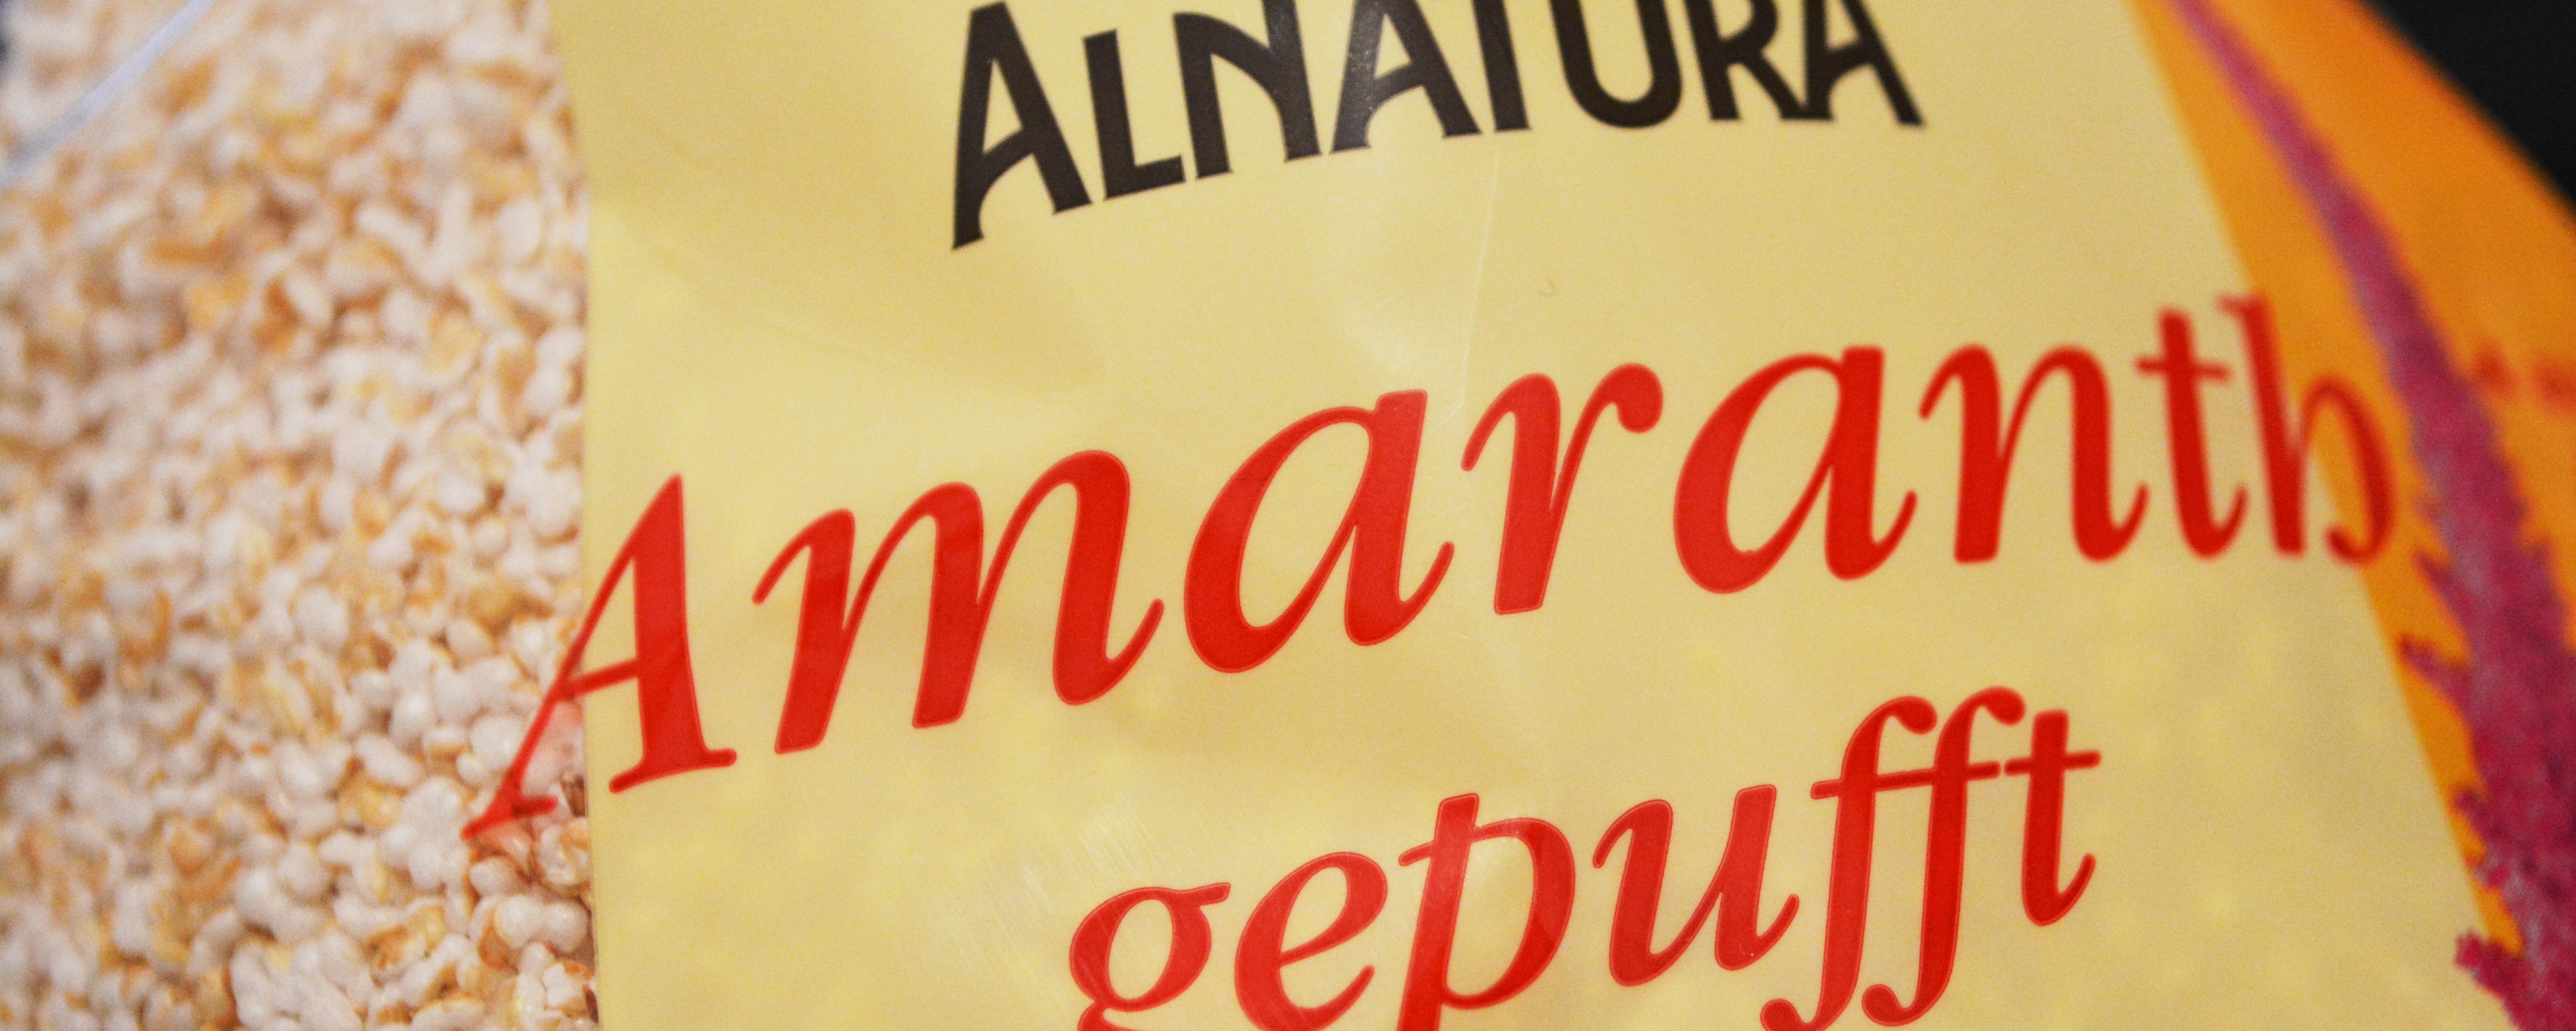 Von Alnatura, aber auch von anderen Marken gibt es Amaranth in verschiedenen Formen.